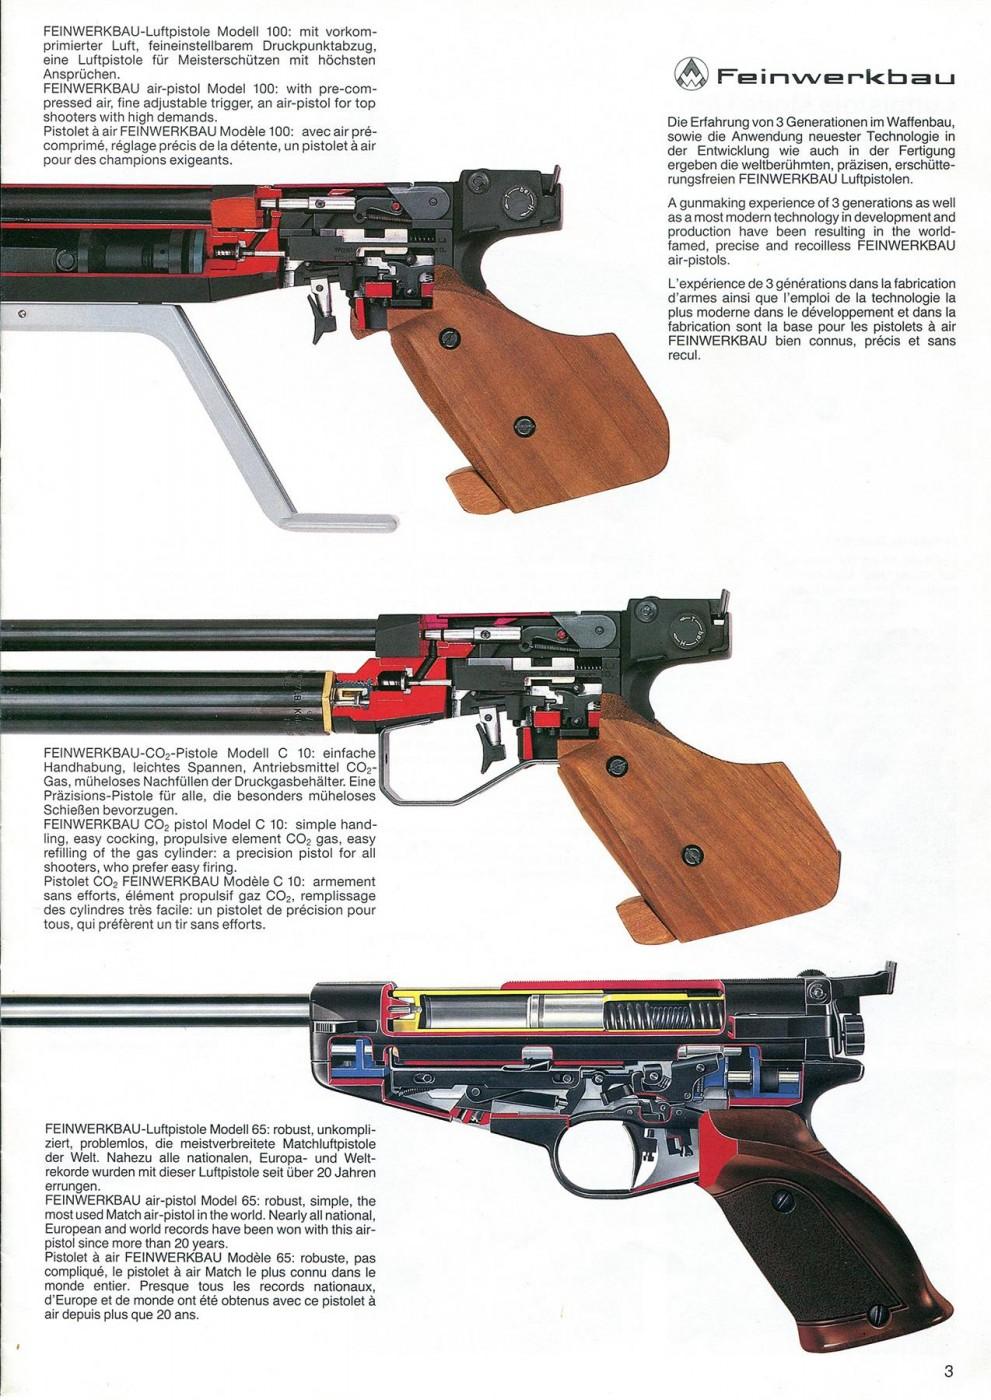 fwb model 65 manual